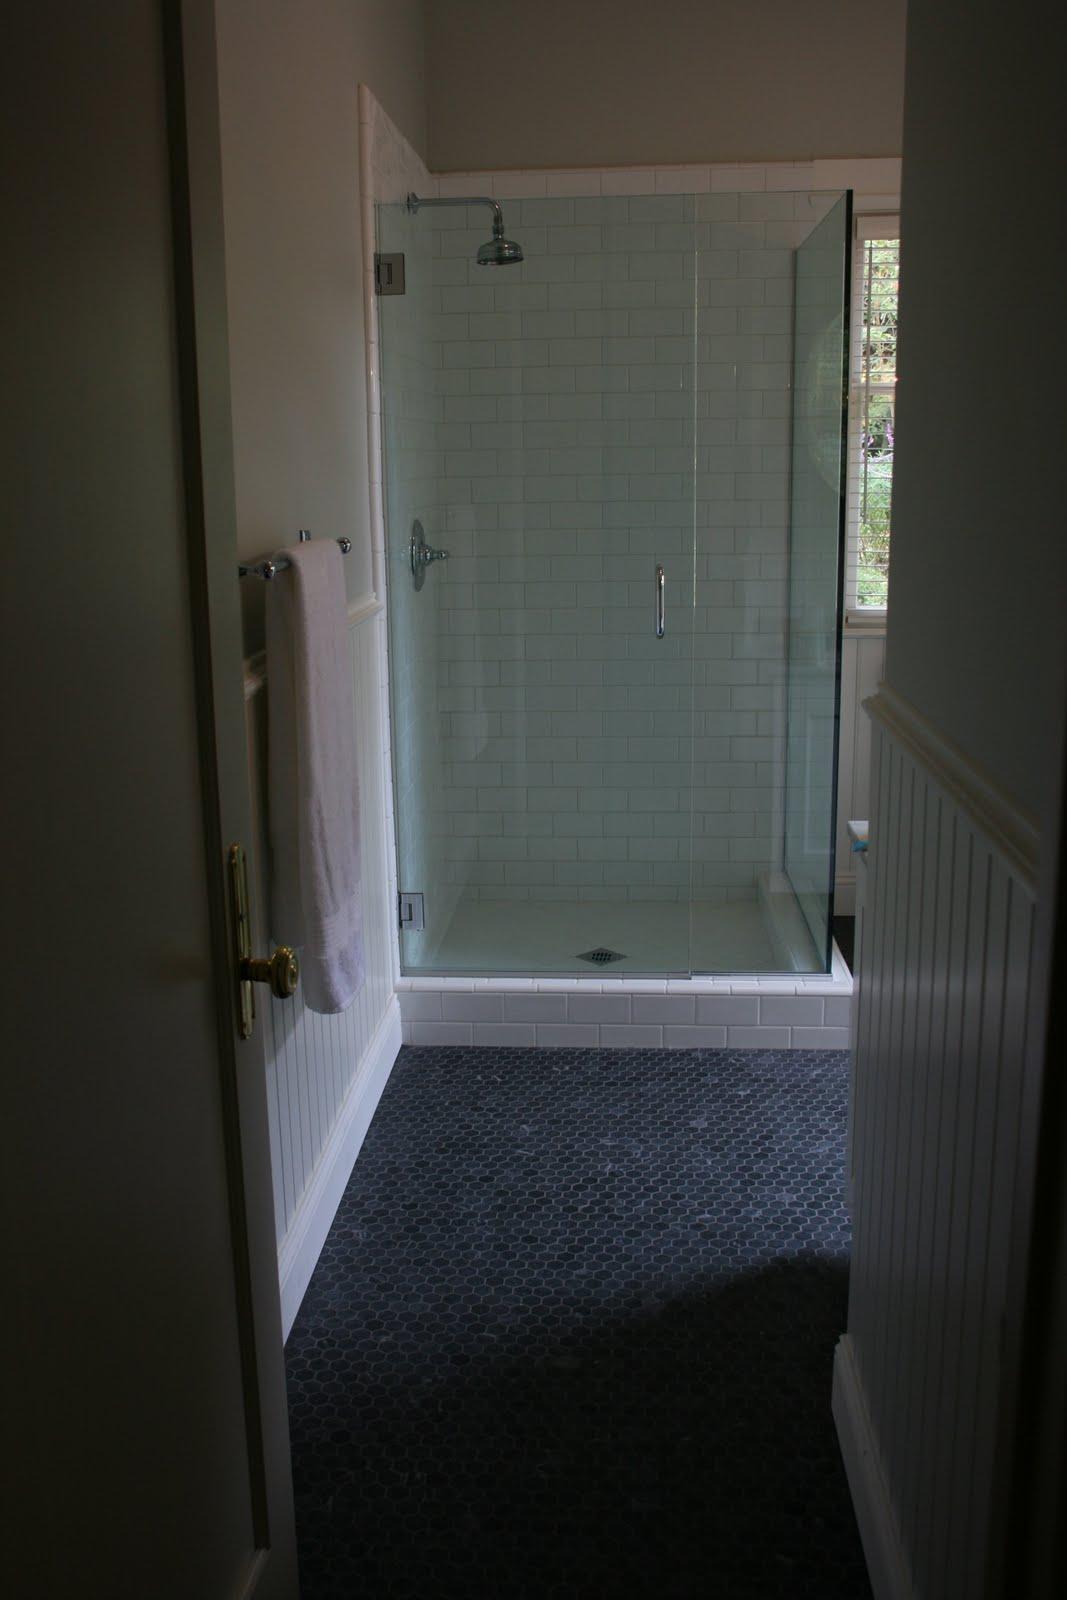 Bathroom Remodel Reveal: Vignette Design: The 35 Day Bathroom Remodel Reveal